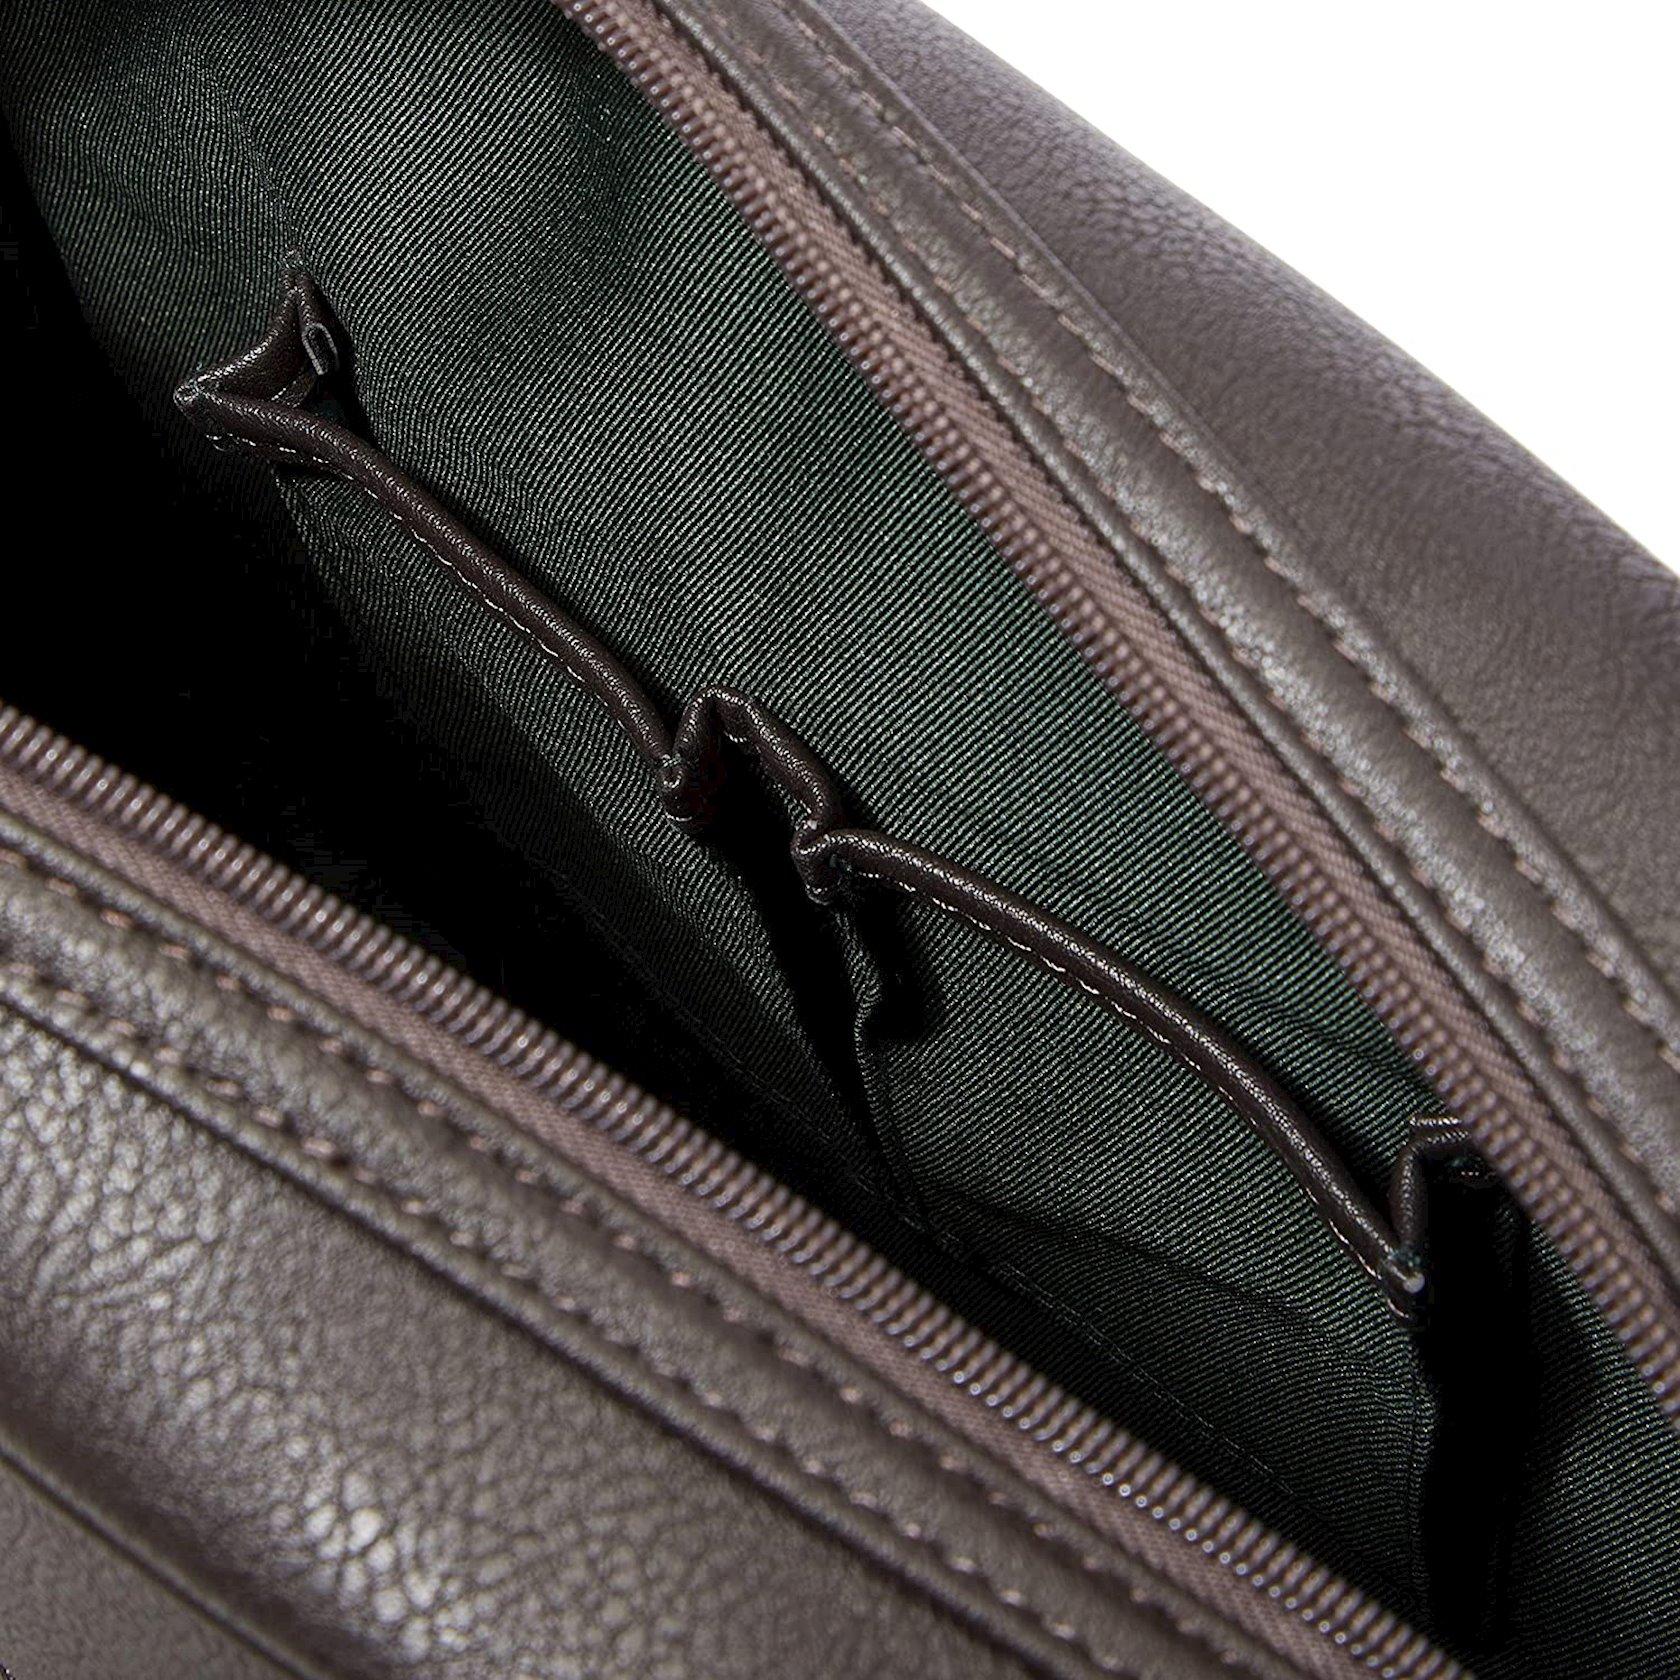 Kişi çiyin çantası Ted Baker Mister 229782, Xbrnchocol